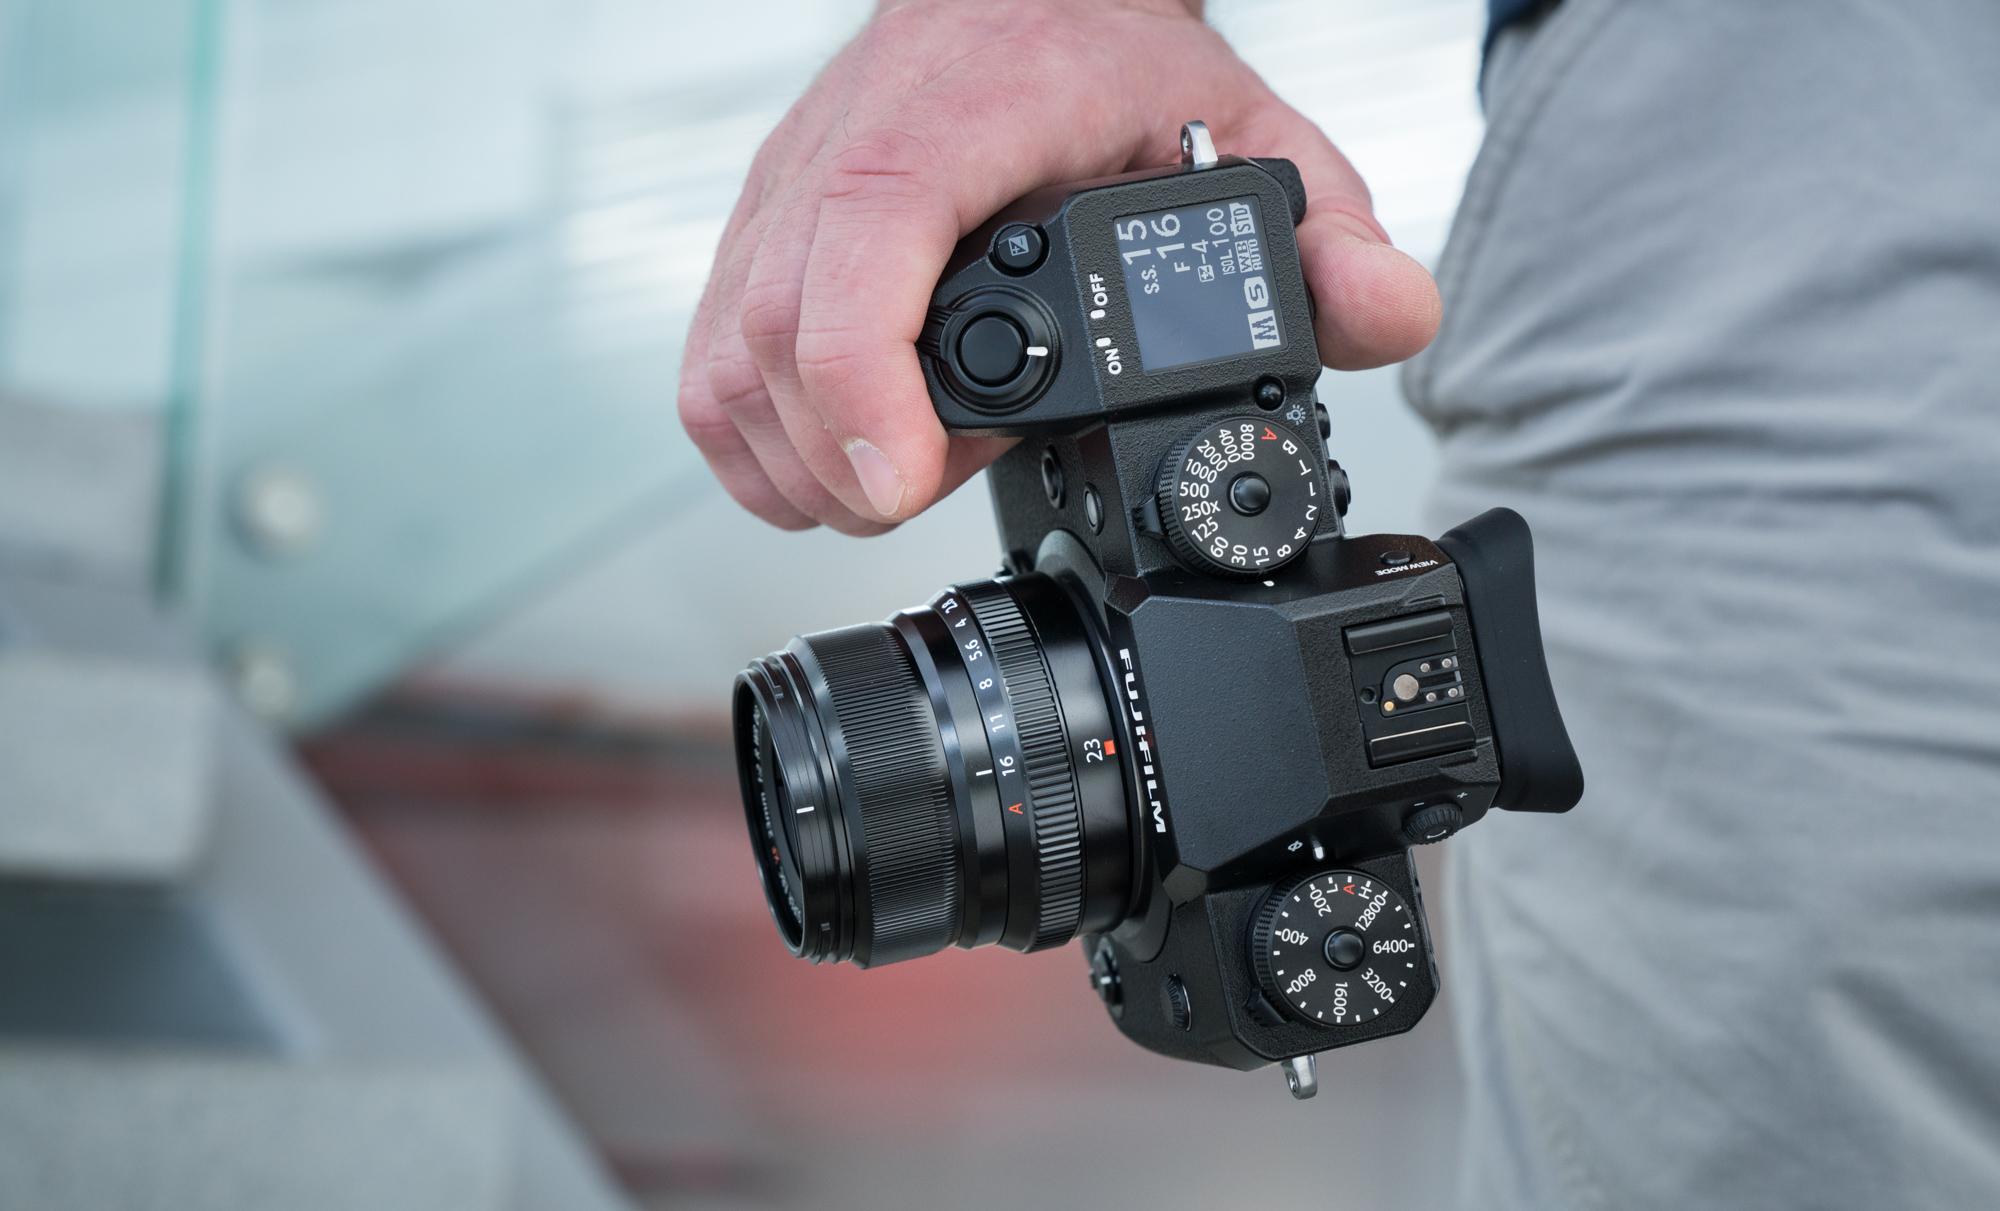 e9e14d3f822 Panasonicu tippklassi hübriidkaamerad on populaarsed just videomeeste seas.  Panasonic G9 hübriidkaamerat karbist välja võttes nägime, kuidas see püüdis  olla ...